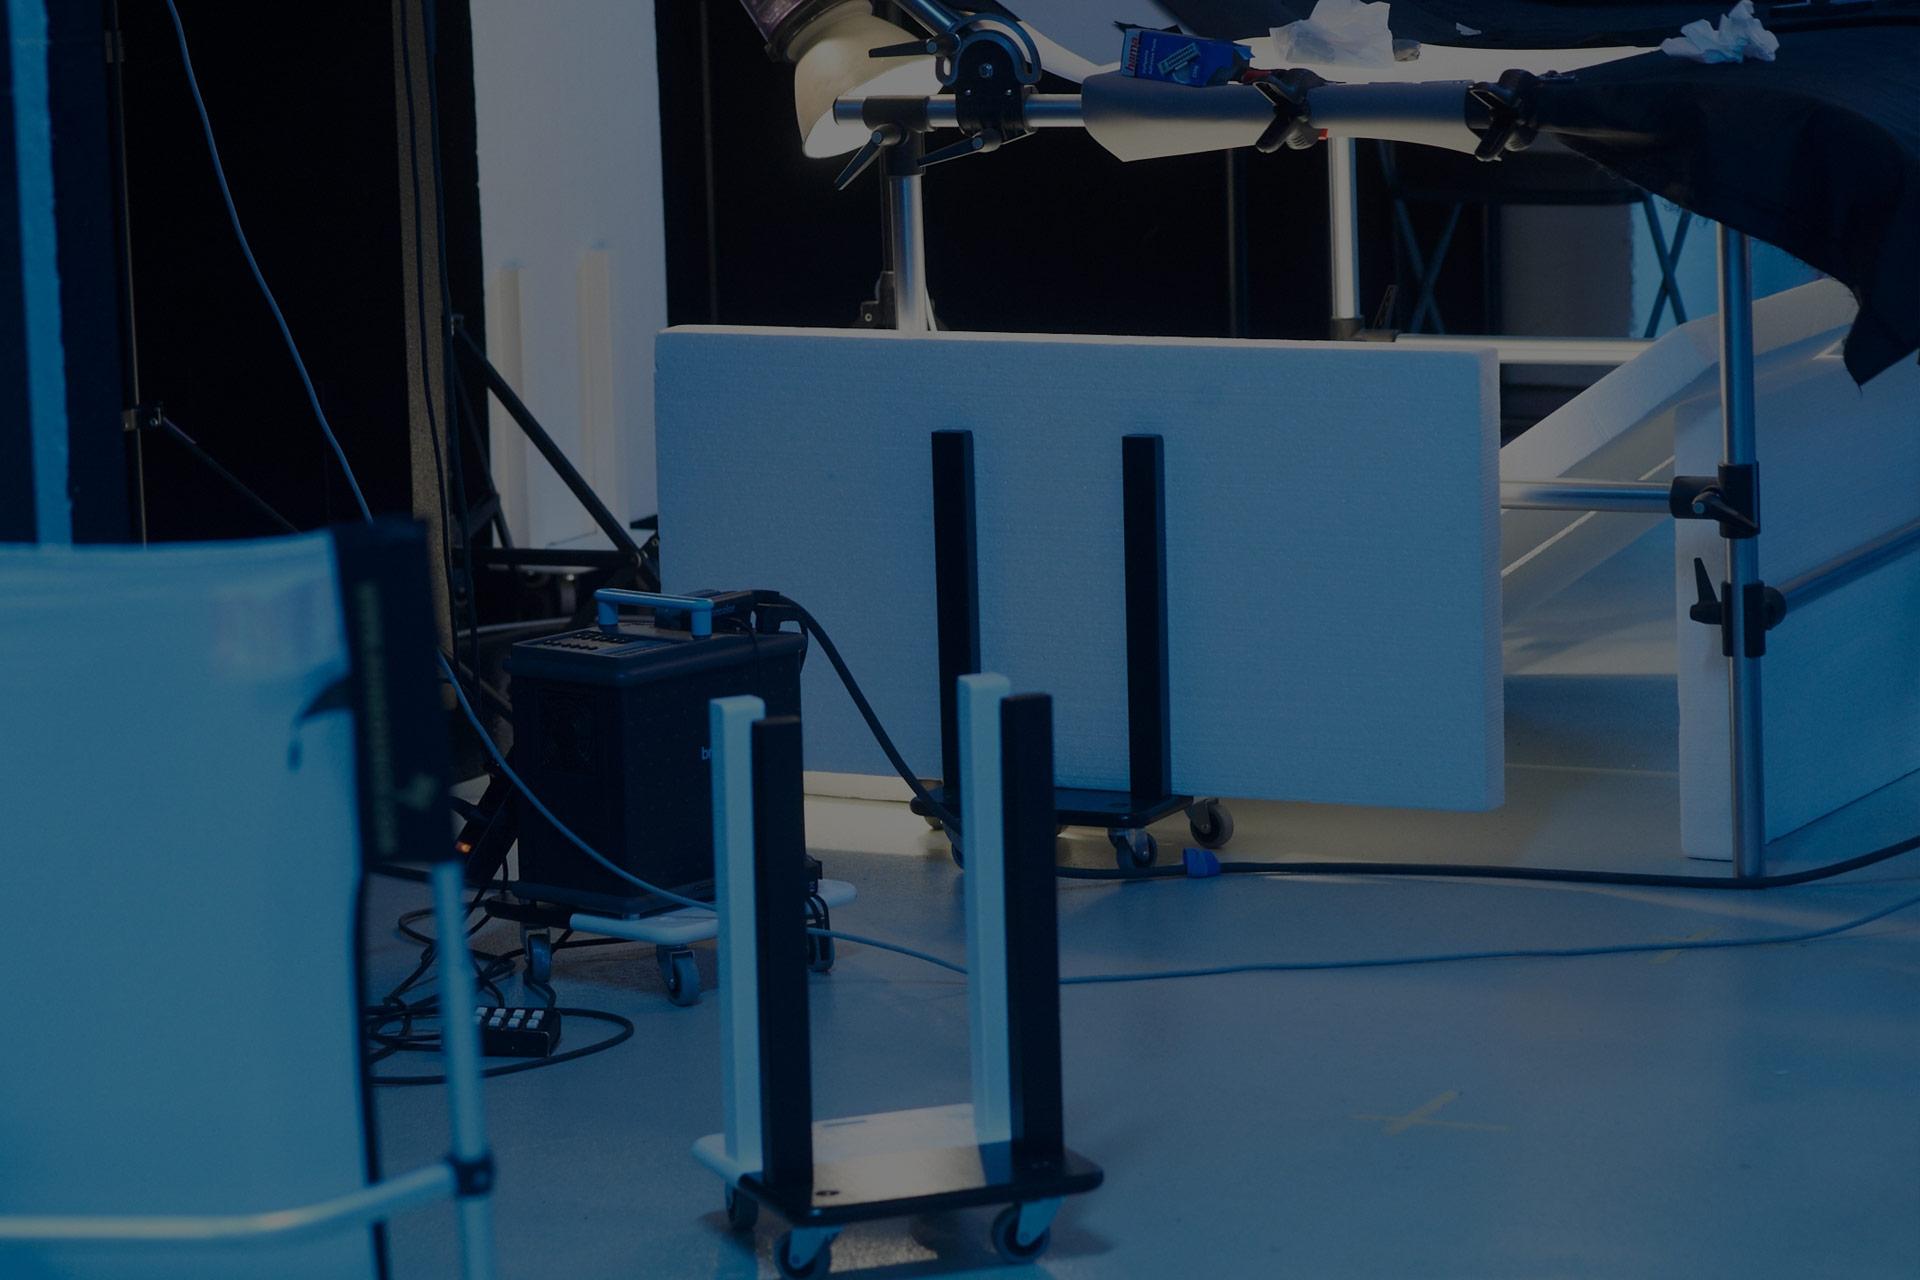 Praktisch und kostenlos benutzbar: Styroporreflektoren mit fahrbaren Halterungen sind aus dem Studioalltag kaum wegzudenken